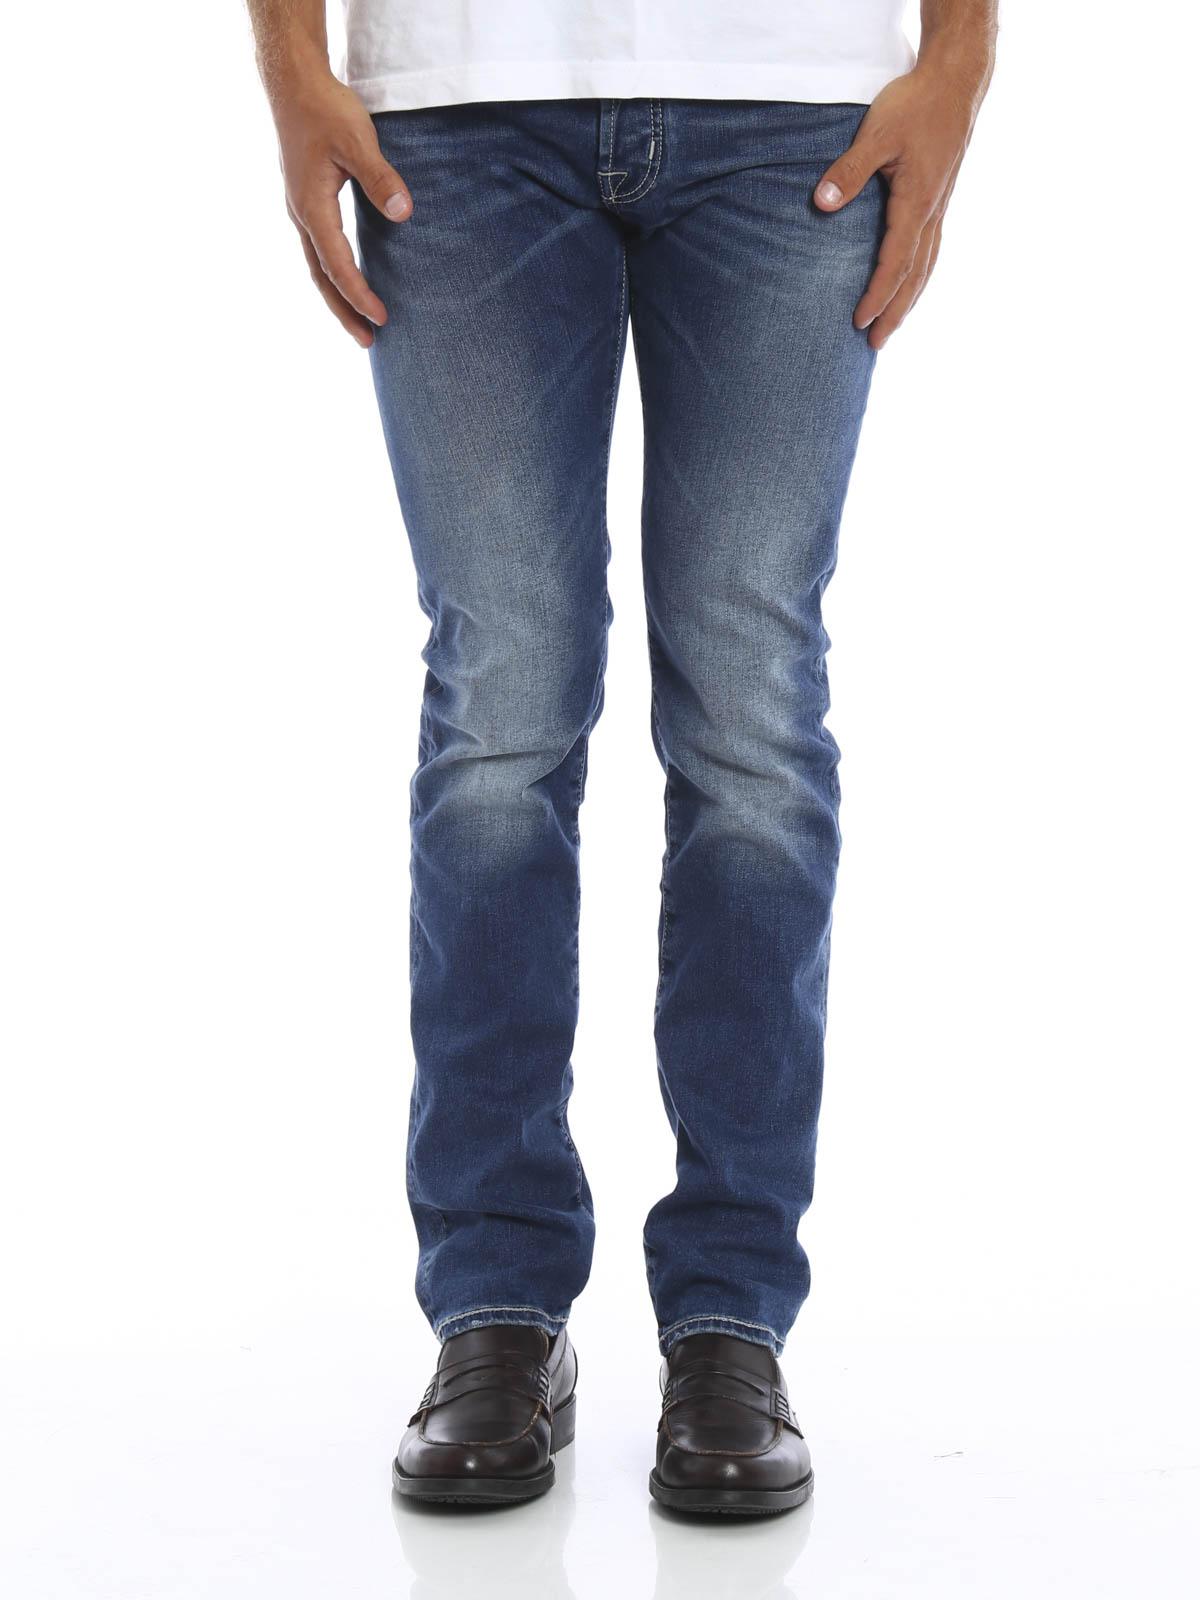 Pw622 comf jeans by jacob cohen straight leg jeans ikrix - Jacob cohen denim ...